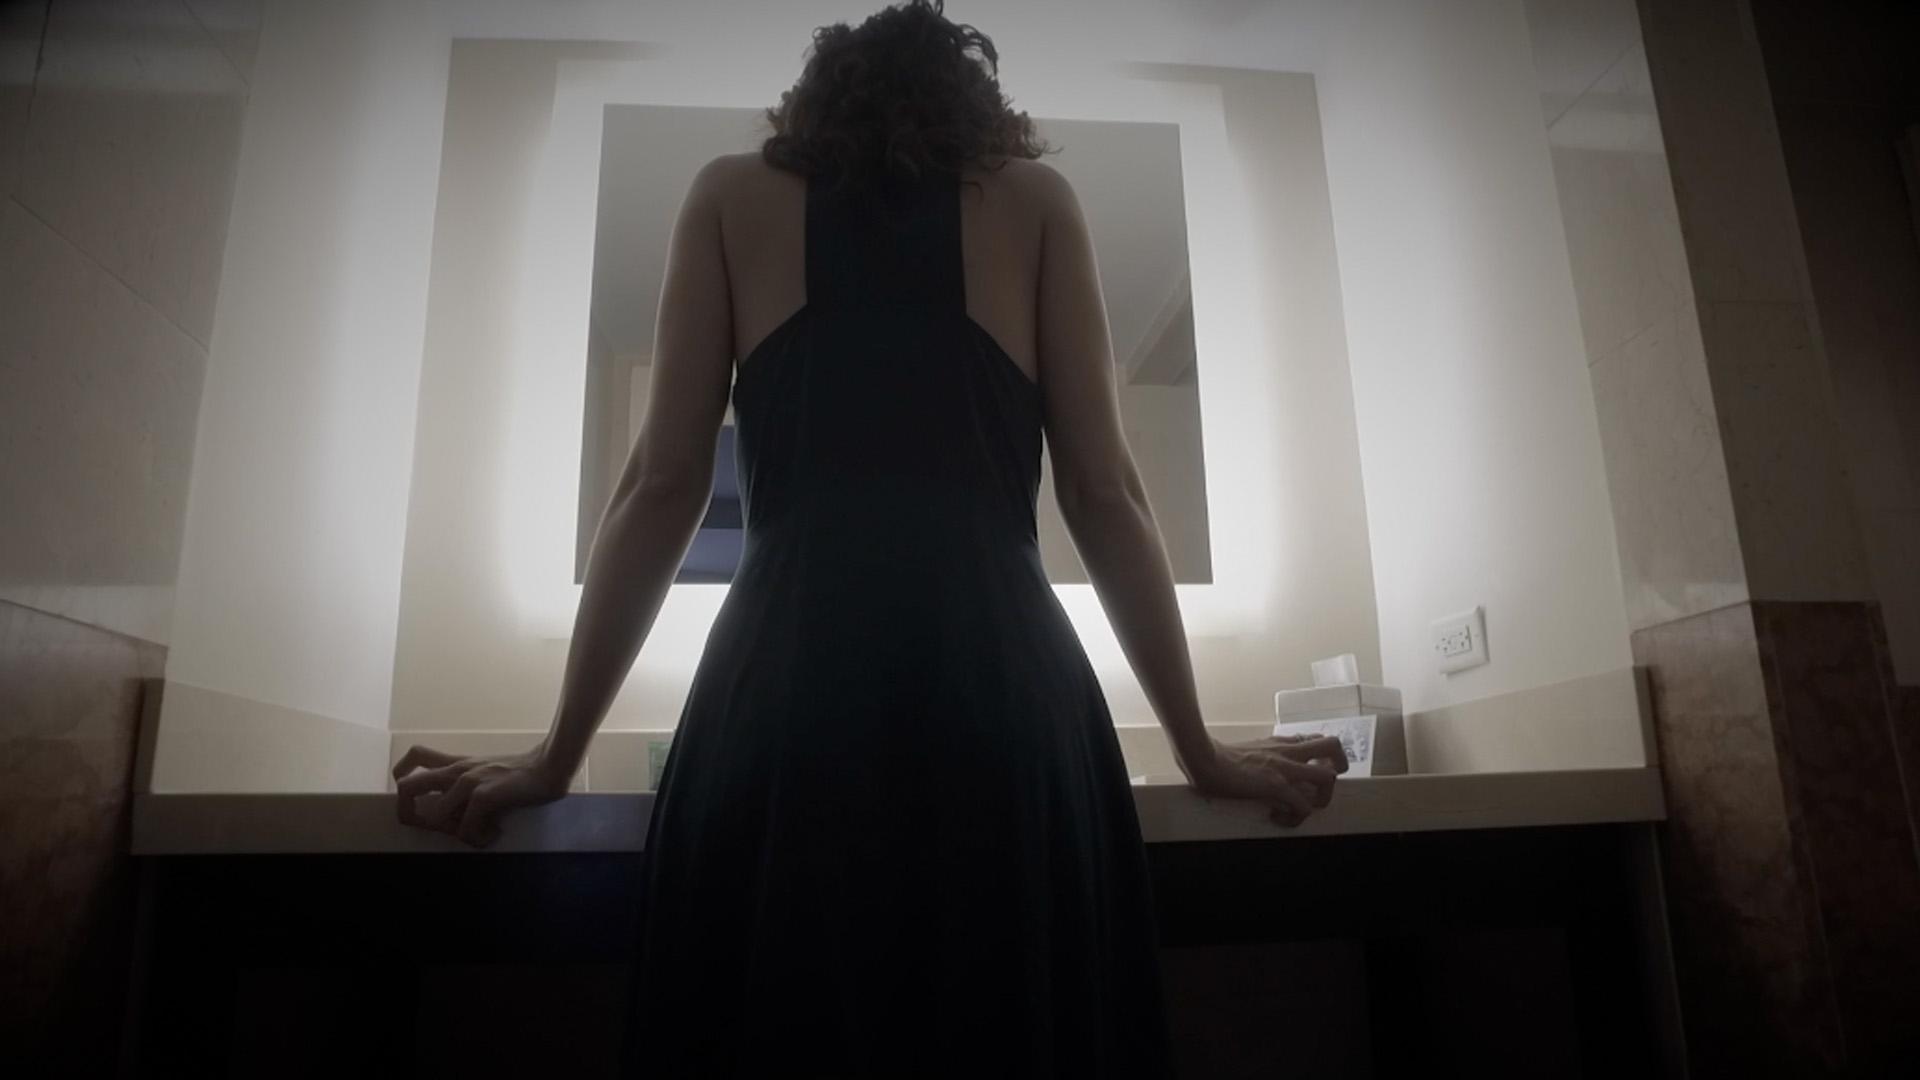 La pesadilla de ser violada por tu pareja